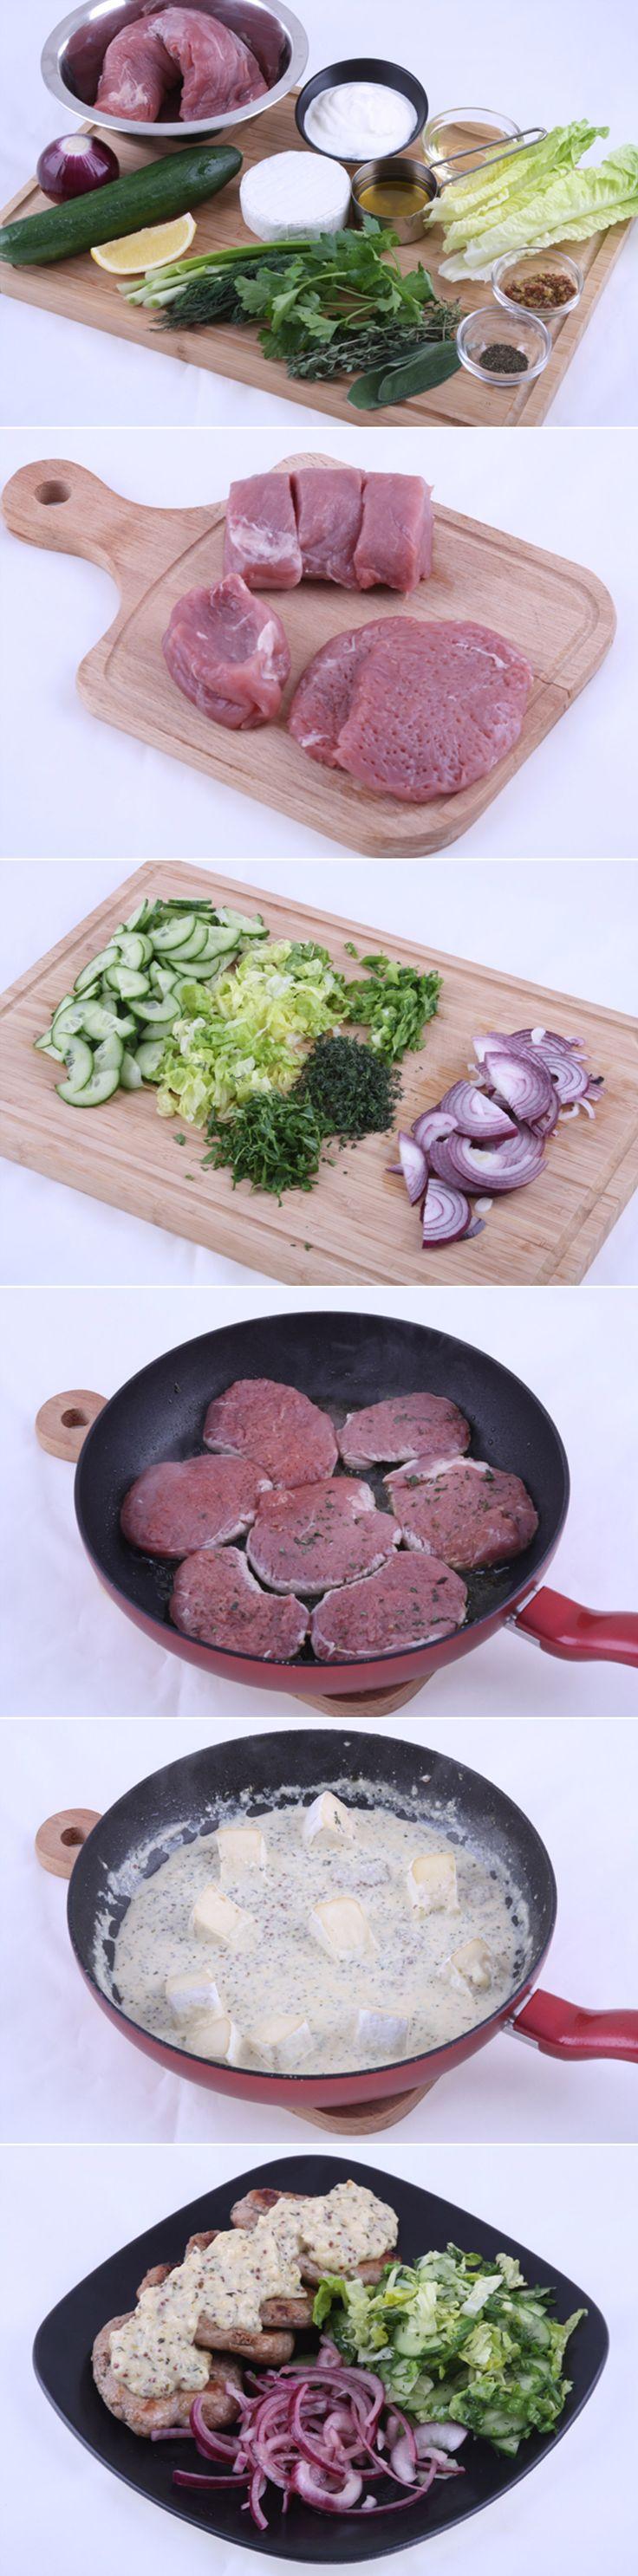 Медальоны из свиной вырезки с соусом камамбер и зеленым салатом. Любителям свинины и маринованных овощей. Рецепт средней сложности приготовления, но не потребует много времени. Изысканное блюдо с нежным соусом Камамбер порадует вас и ваших близких. Ингредиенты и рецепт...http://vk.com/dinnerday; http://instagram.com/dinnerday #мясо #кулинария #овощи #медальоны #сыр #соус #камамбер #свинина #еда #рецепт #dinnerday #food #cook #recipe #meat #cookery #vegetables #cheese #pork #sauce #camembert